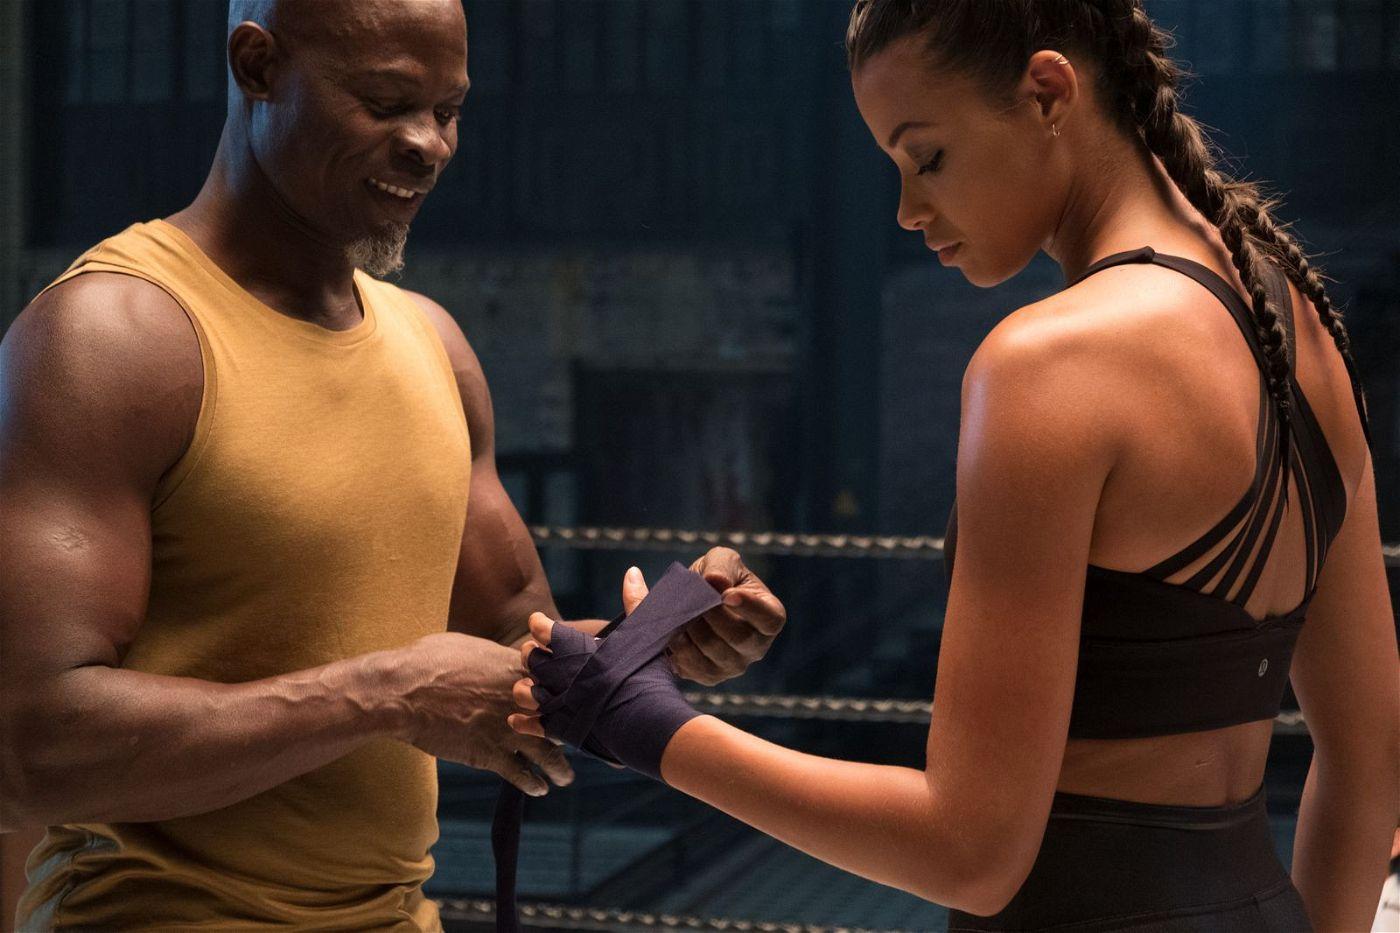 Einer der Bosleys (Djimon Hounsou) trainiert mit der grandiosen Kämpferin Jane (Ella Balinska).